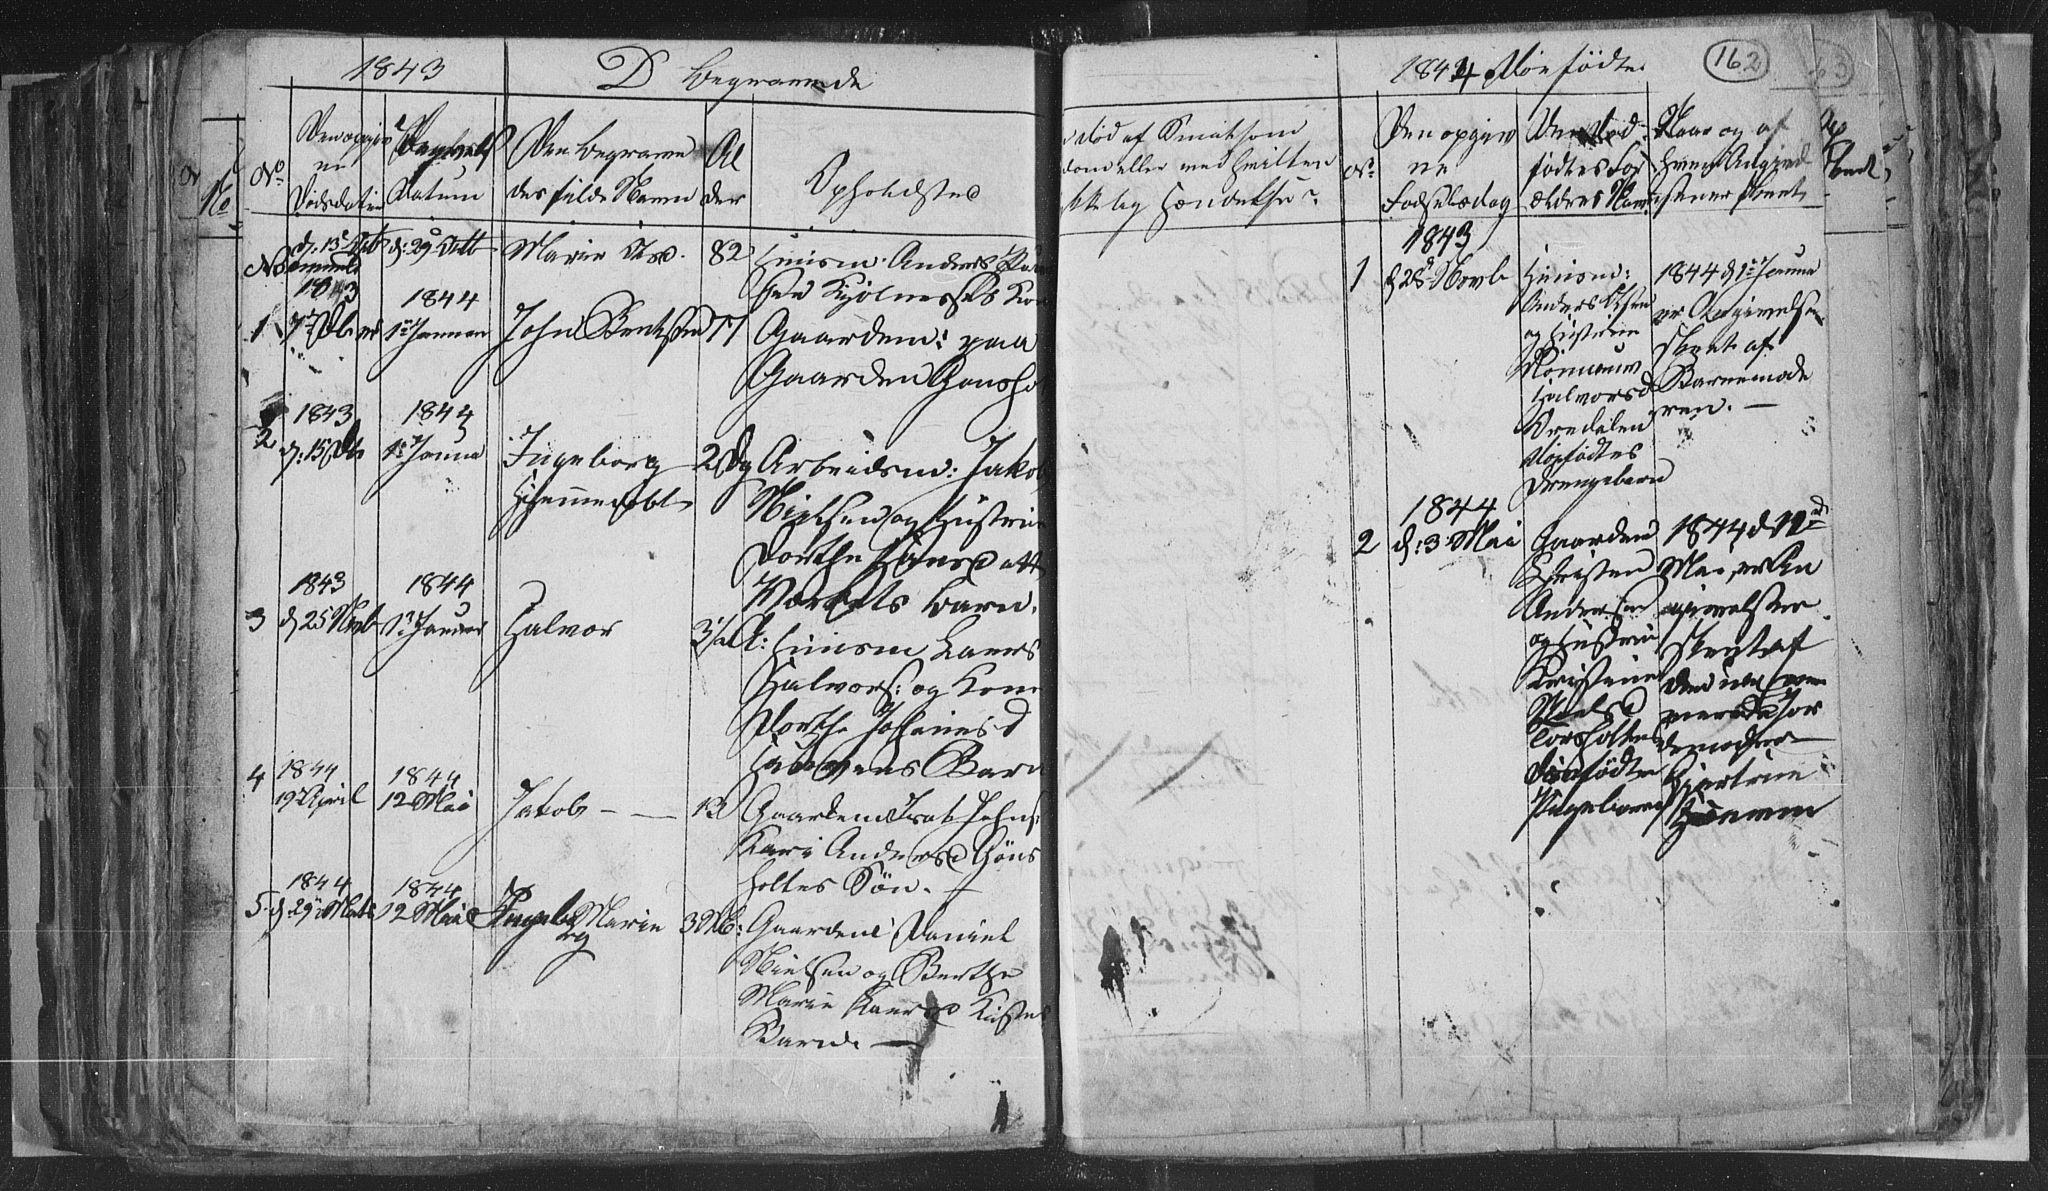 SAKO, Siljan kirkebøker, G/Ga/L0001: Klokkerbok nr. 1, 1827-1847, s. 162